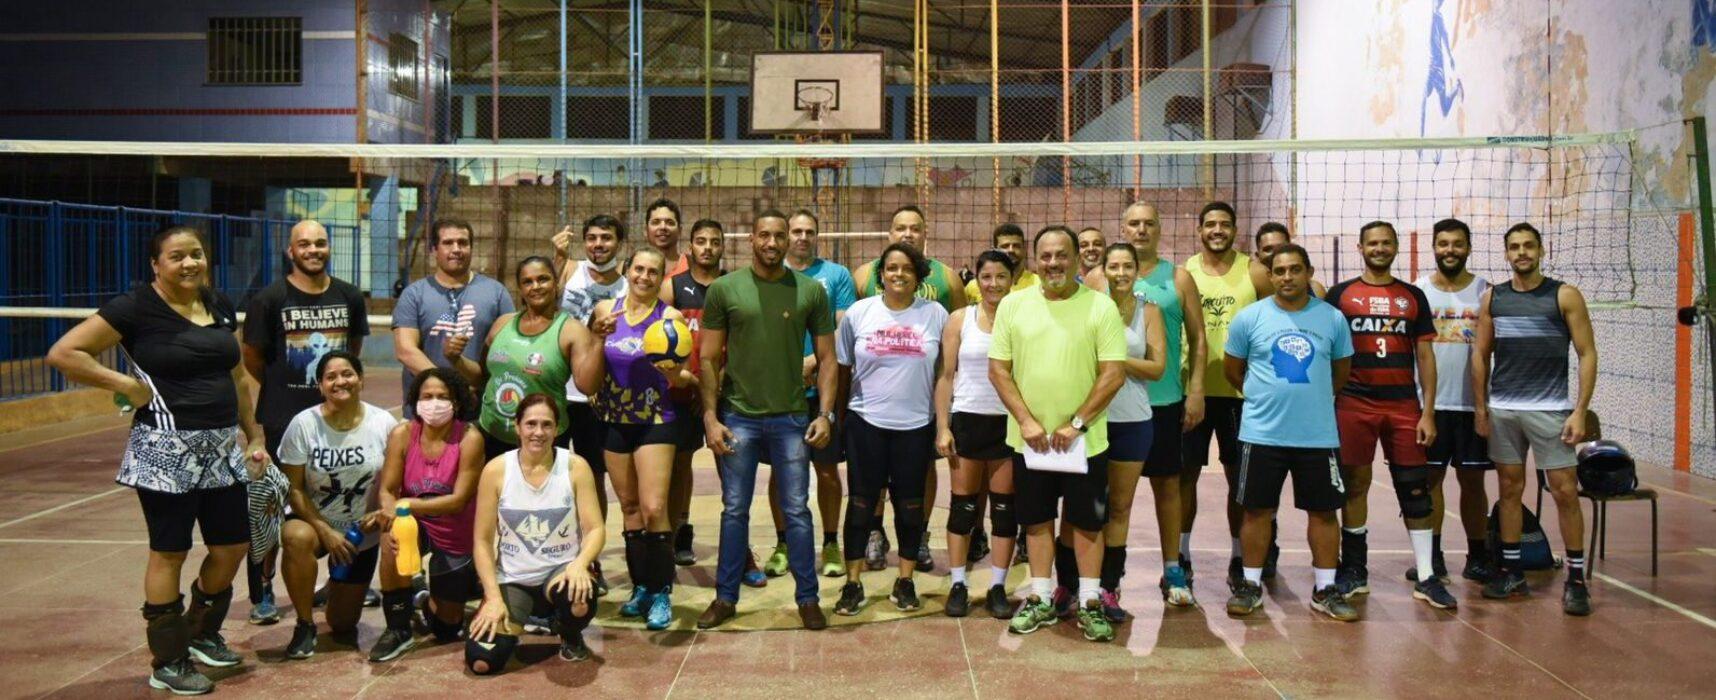 SECRETARIA DE ESPORTES E LAZER: Esportistas vão à competição nacional no Espírito Santo